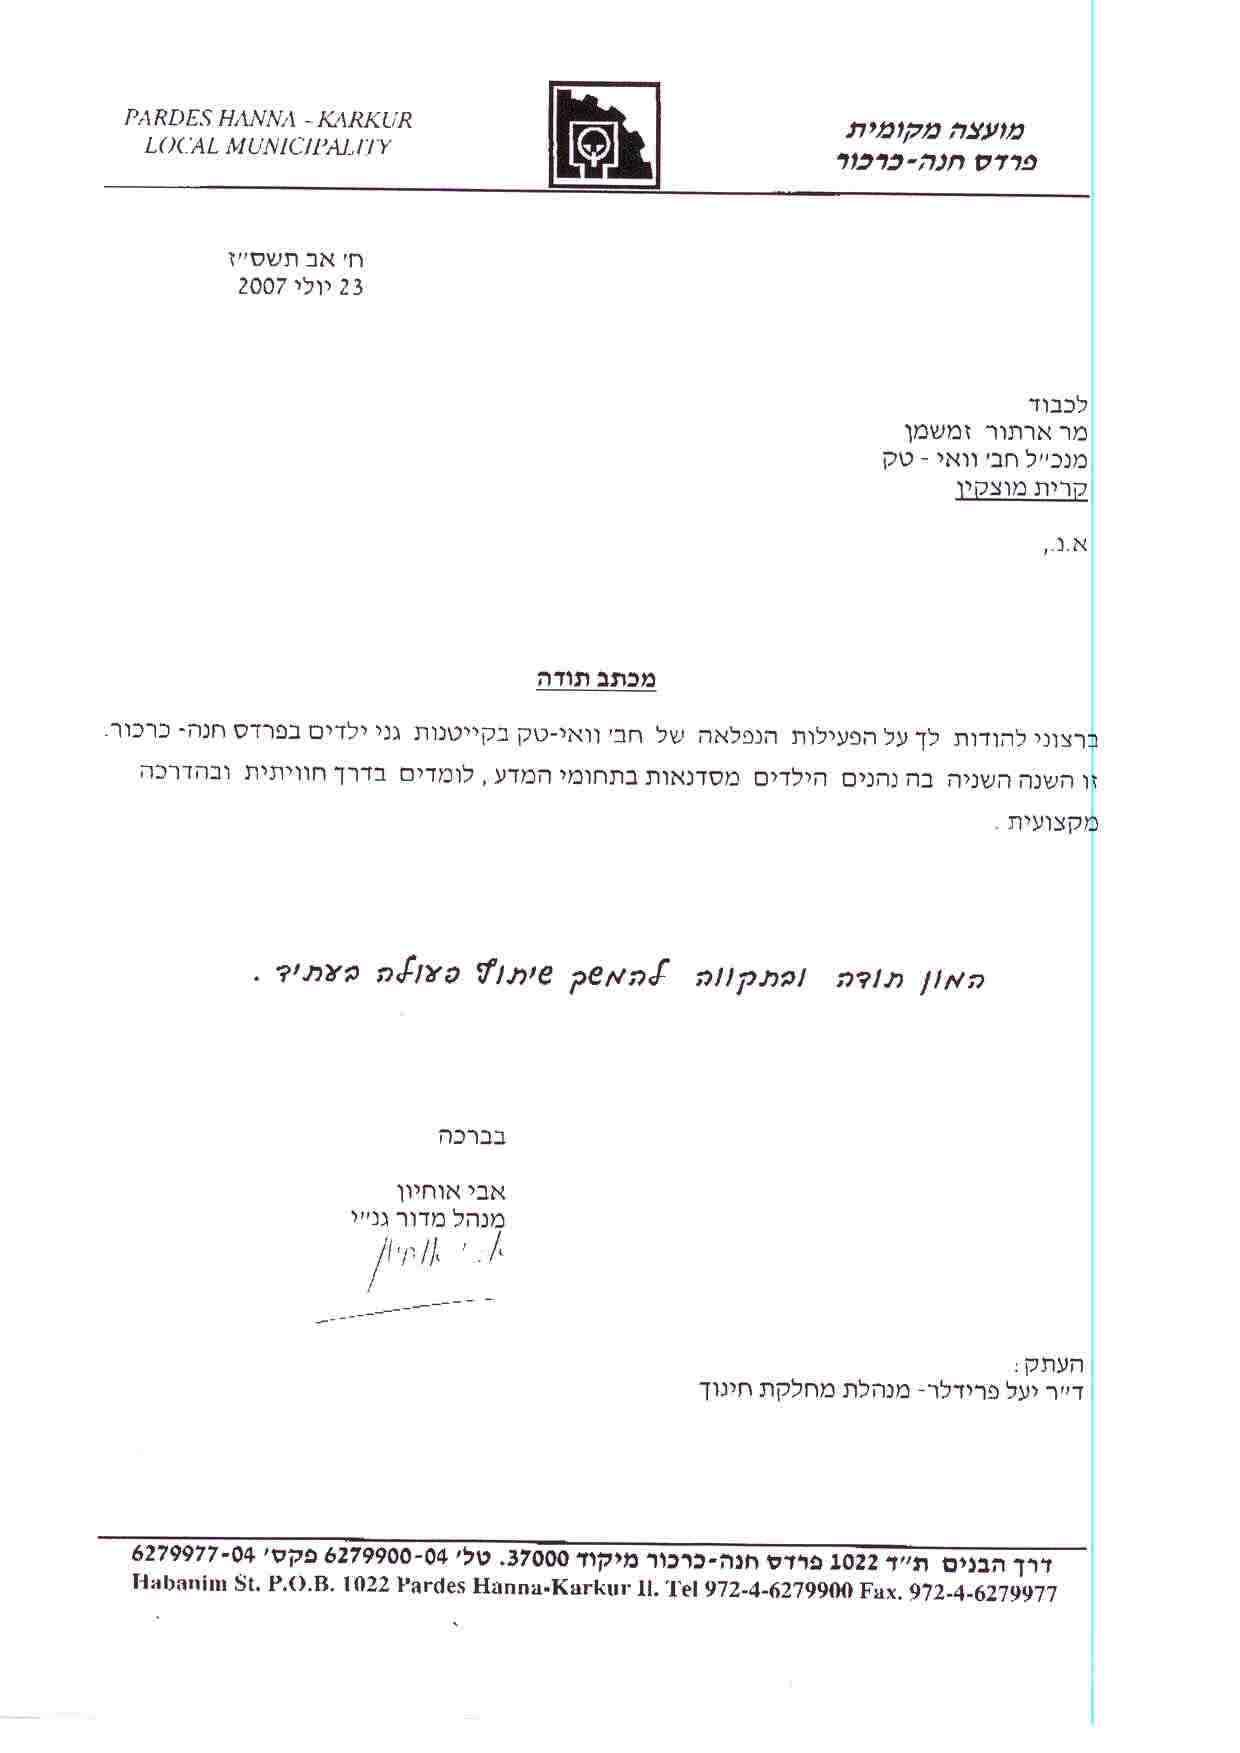 מכתב תודה ממועצה מקומית פרדס חנה כרכור 2007